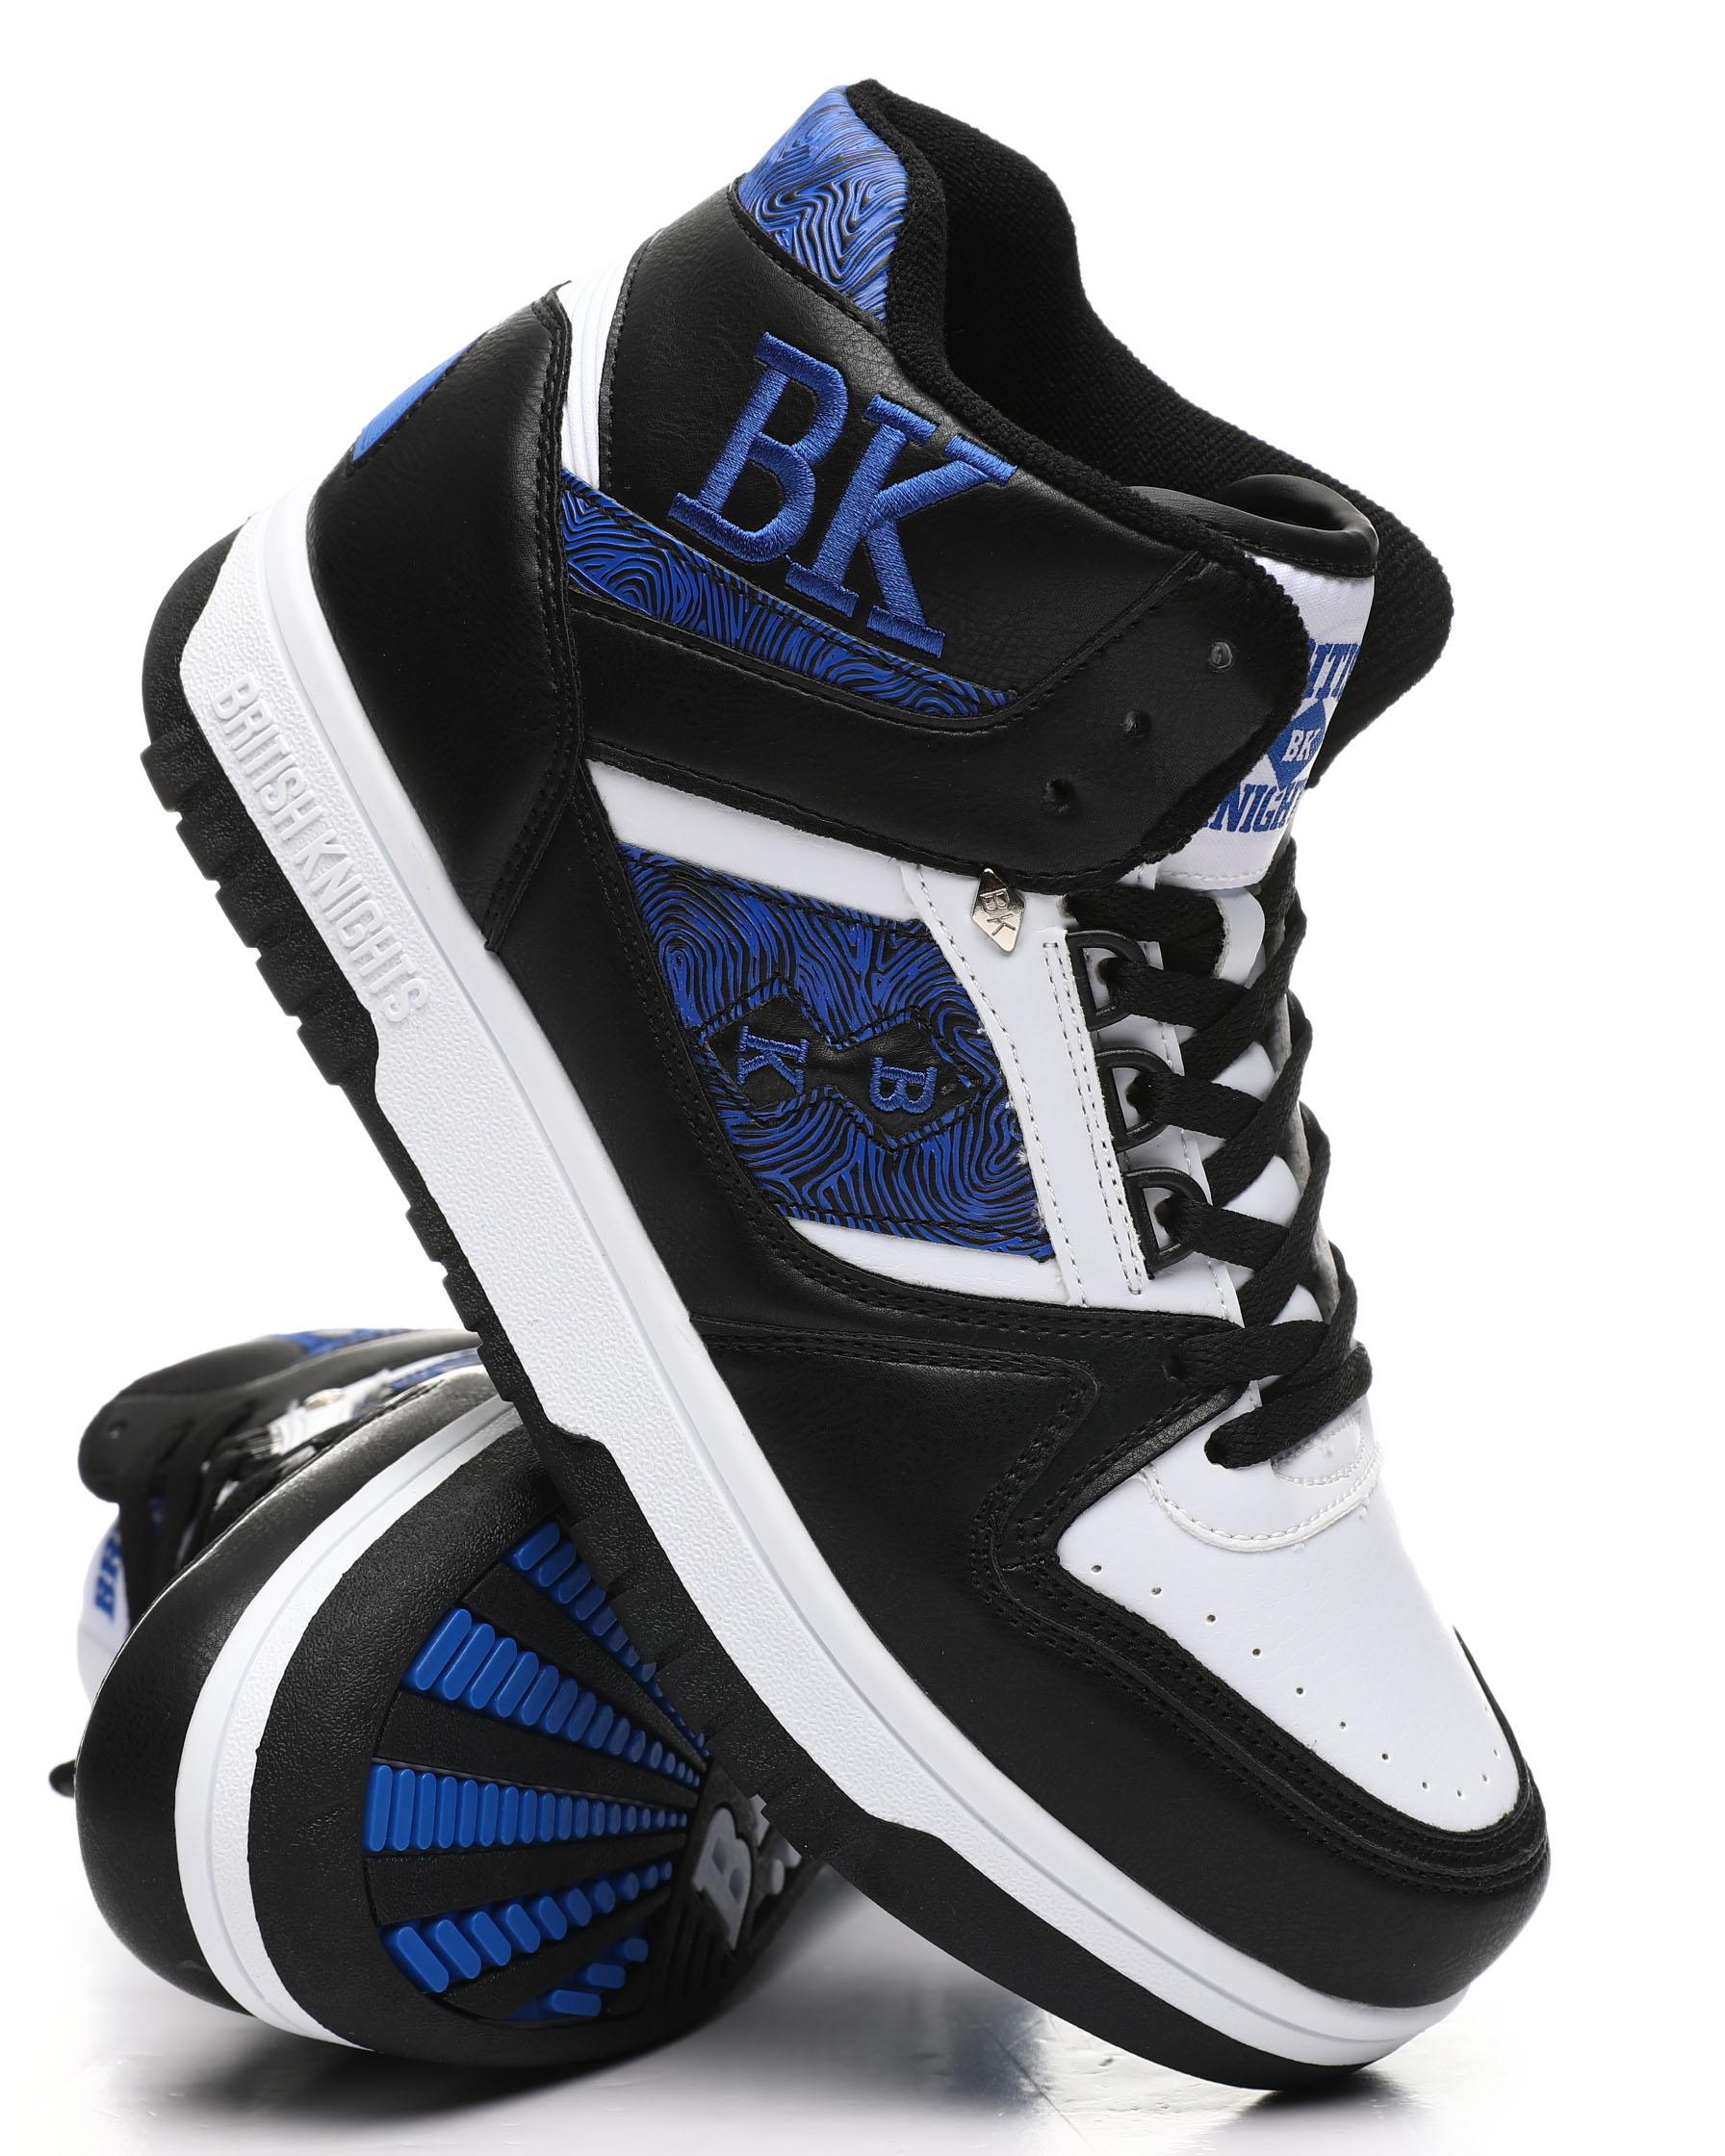 Buy Kings SL Sneakers Men's Footwear